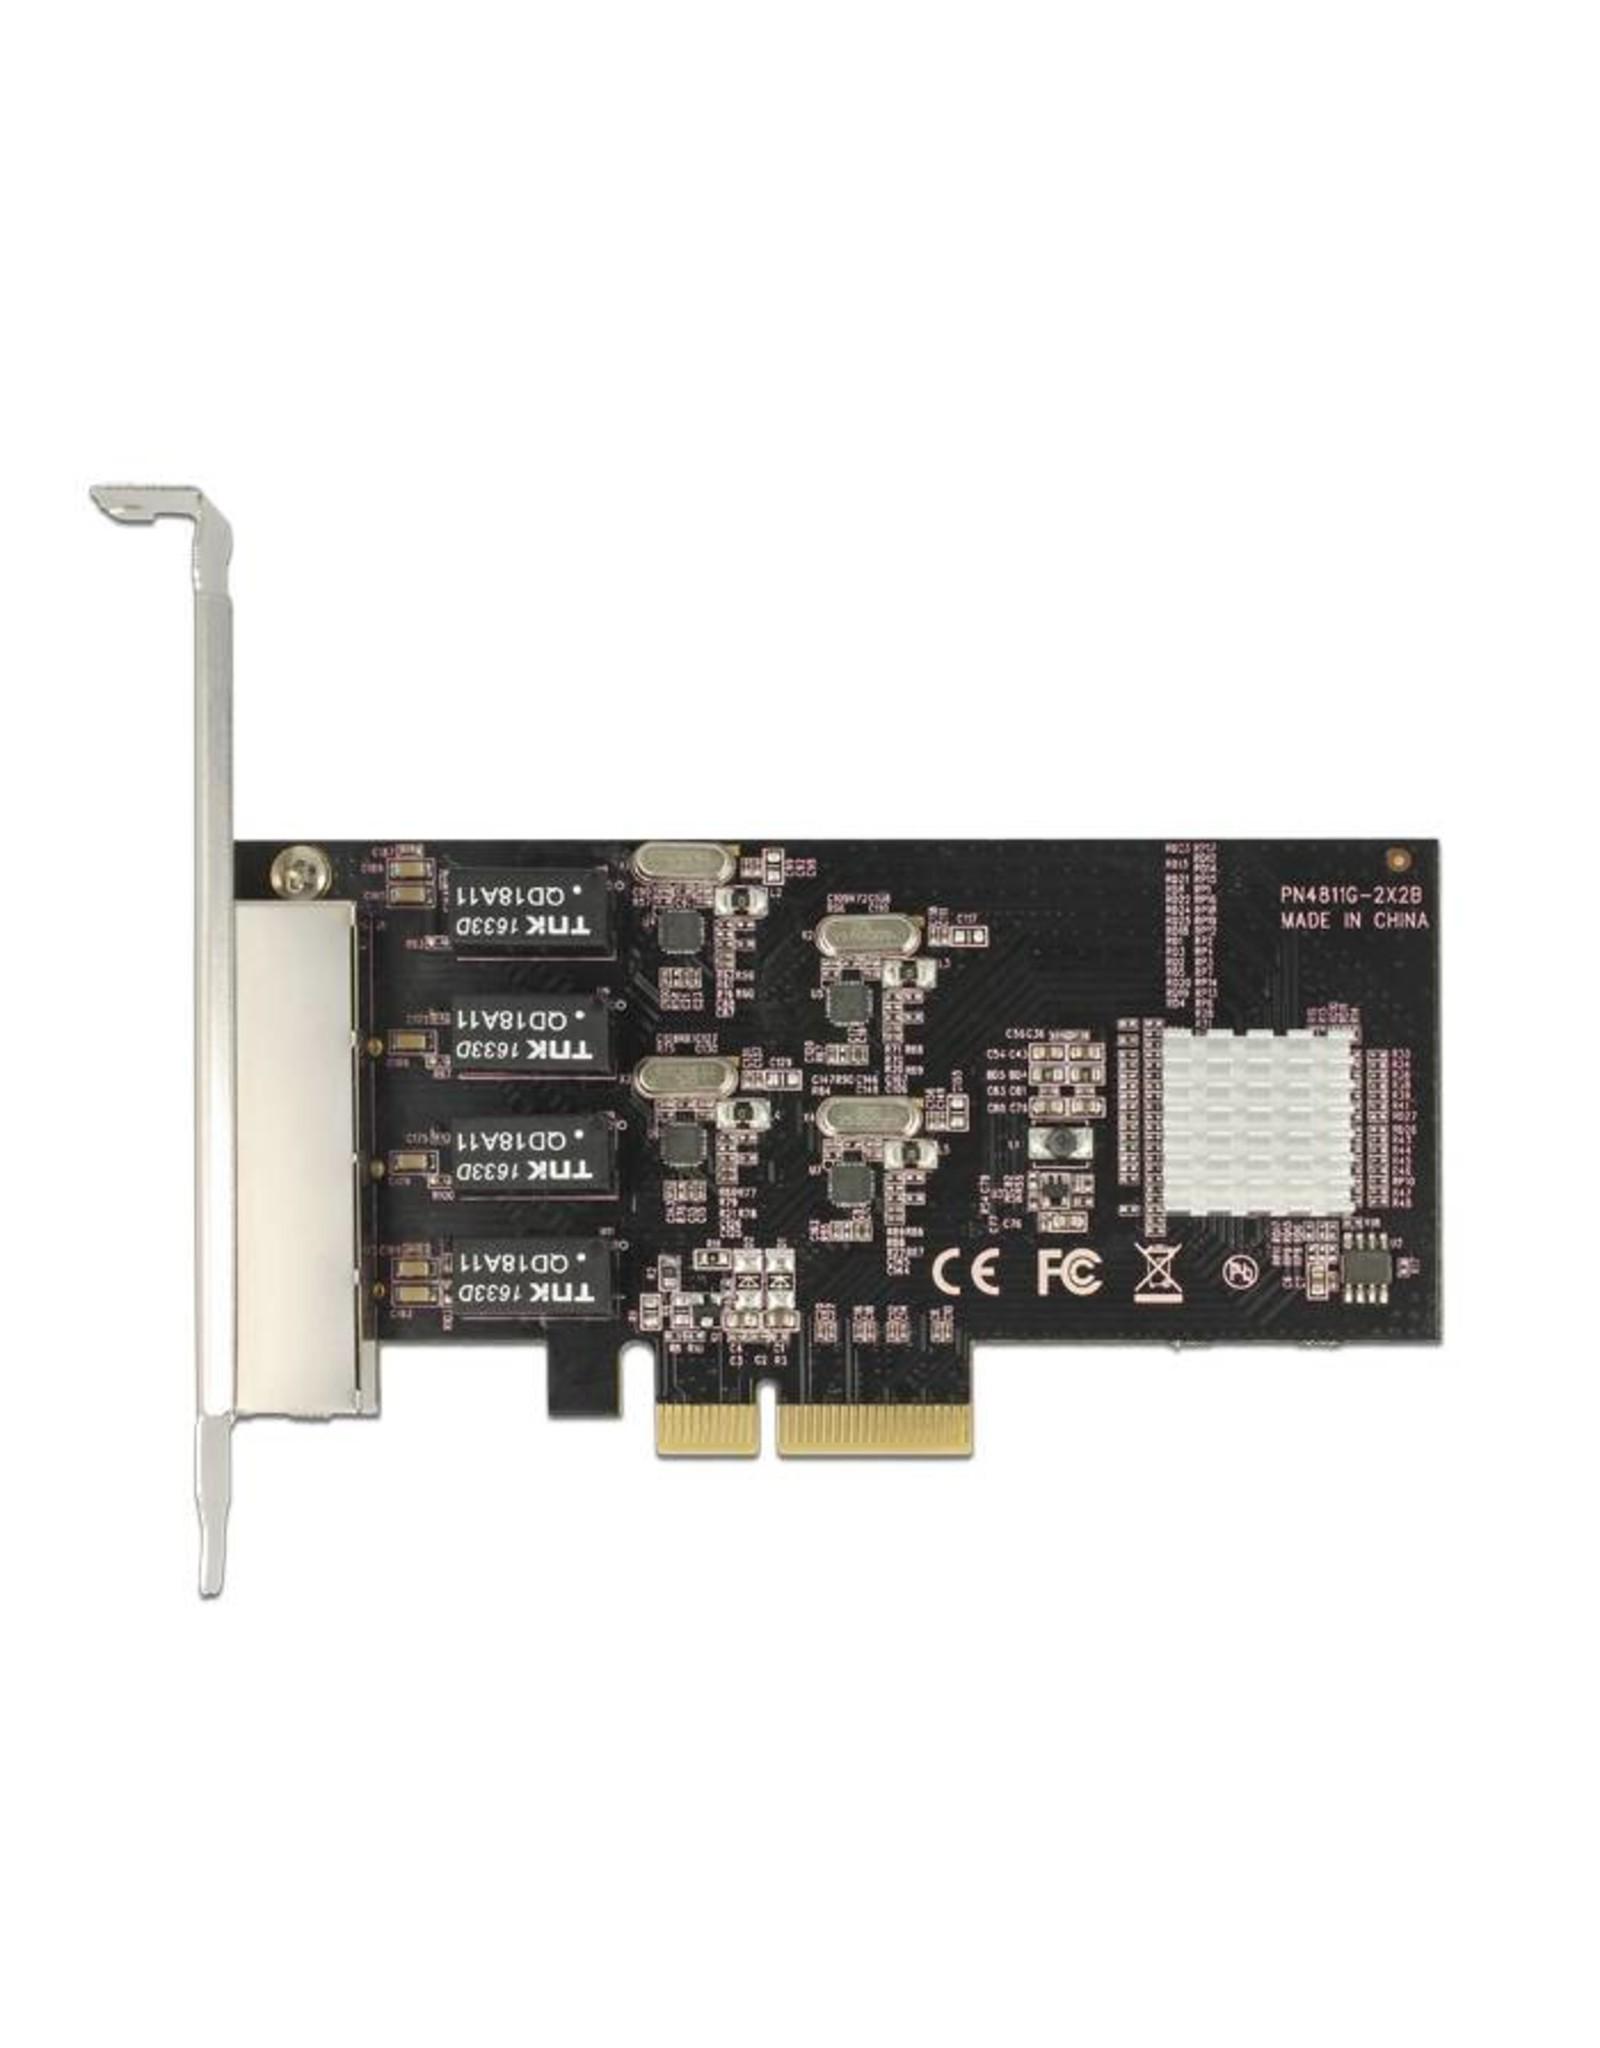 DeLOCK DeLOCK 89567 Intern Ethernet 1000Mbit/s netwerkkaart